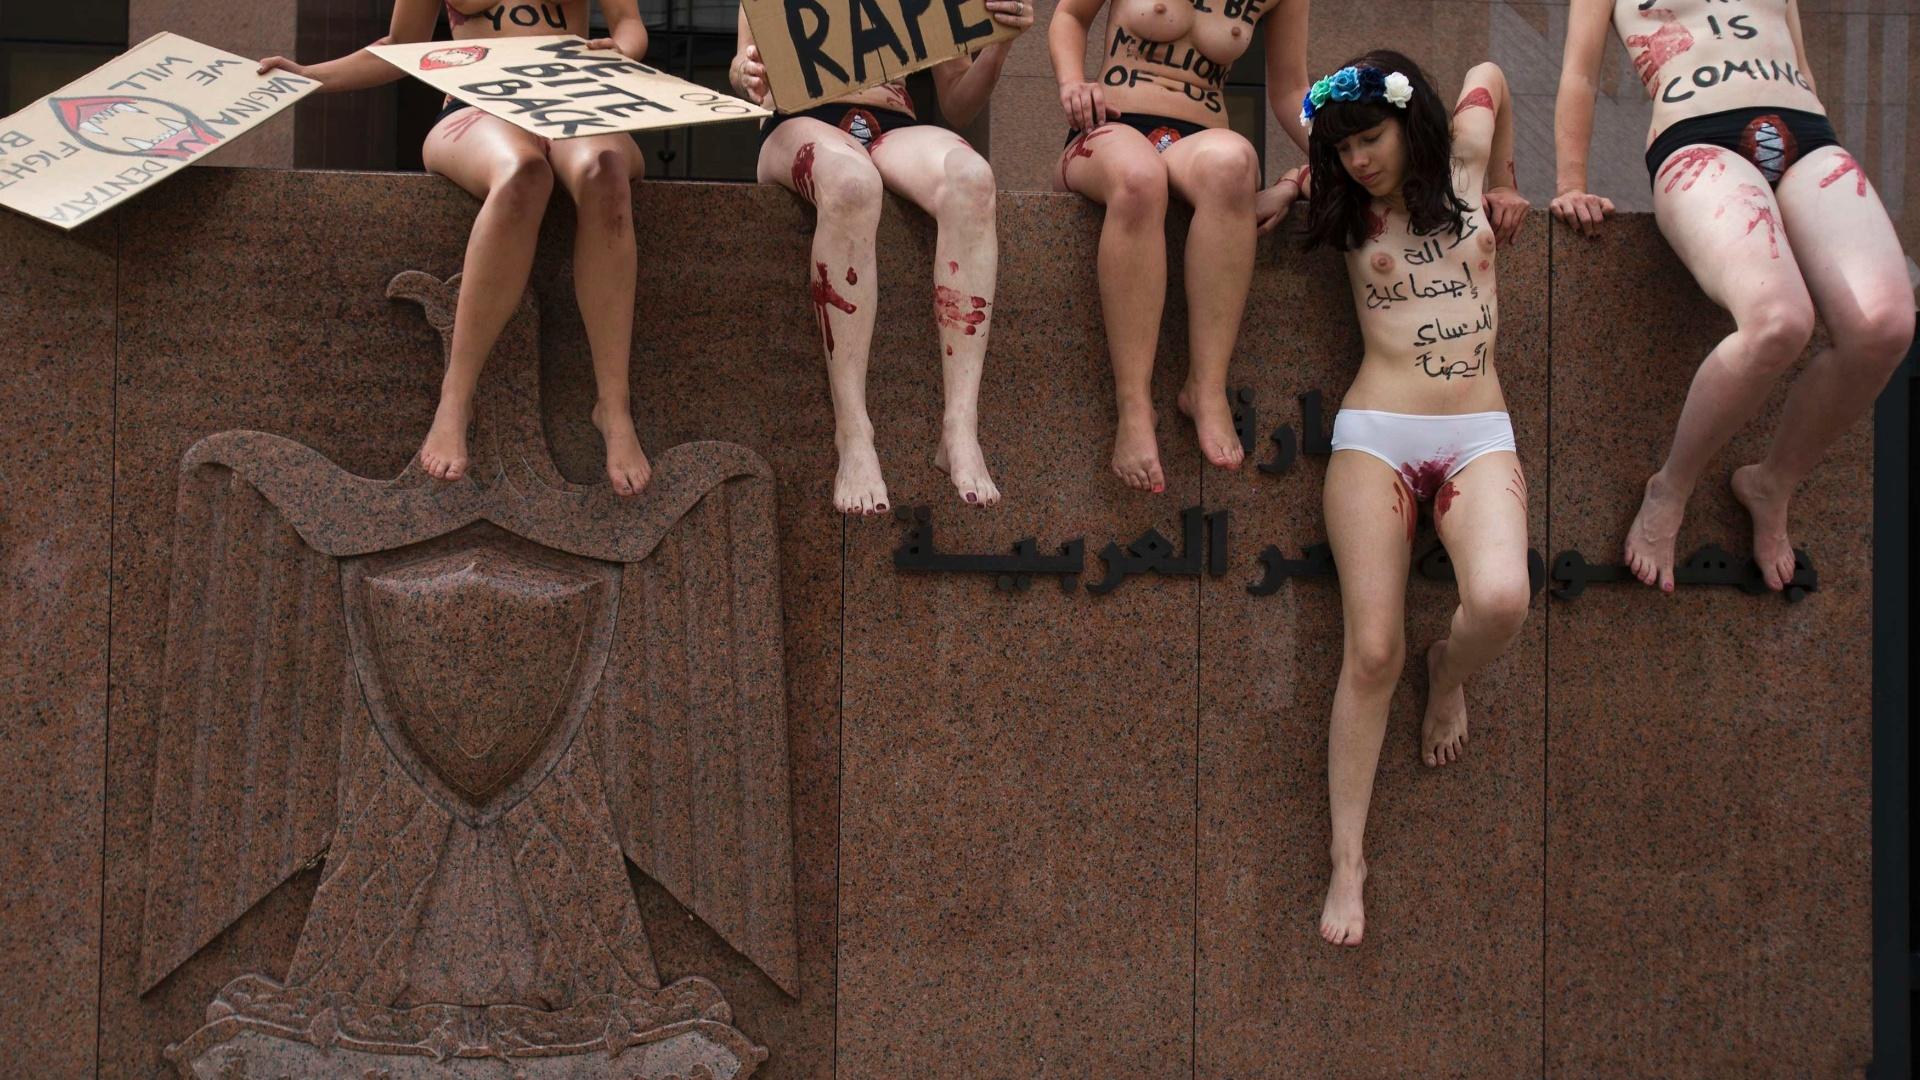 19.jul.2013 - Ativistas do Femen, protestam em frente à embaixada do Egito em Berlim, na Alemanha, contra os recentes casos de estupro em meio ao levante popular no país no norte da África